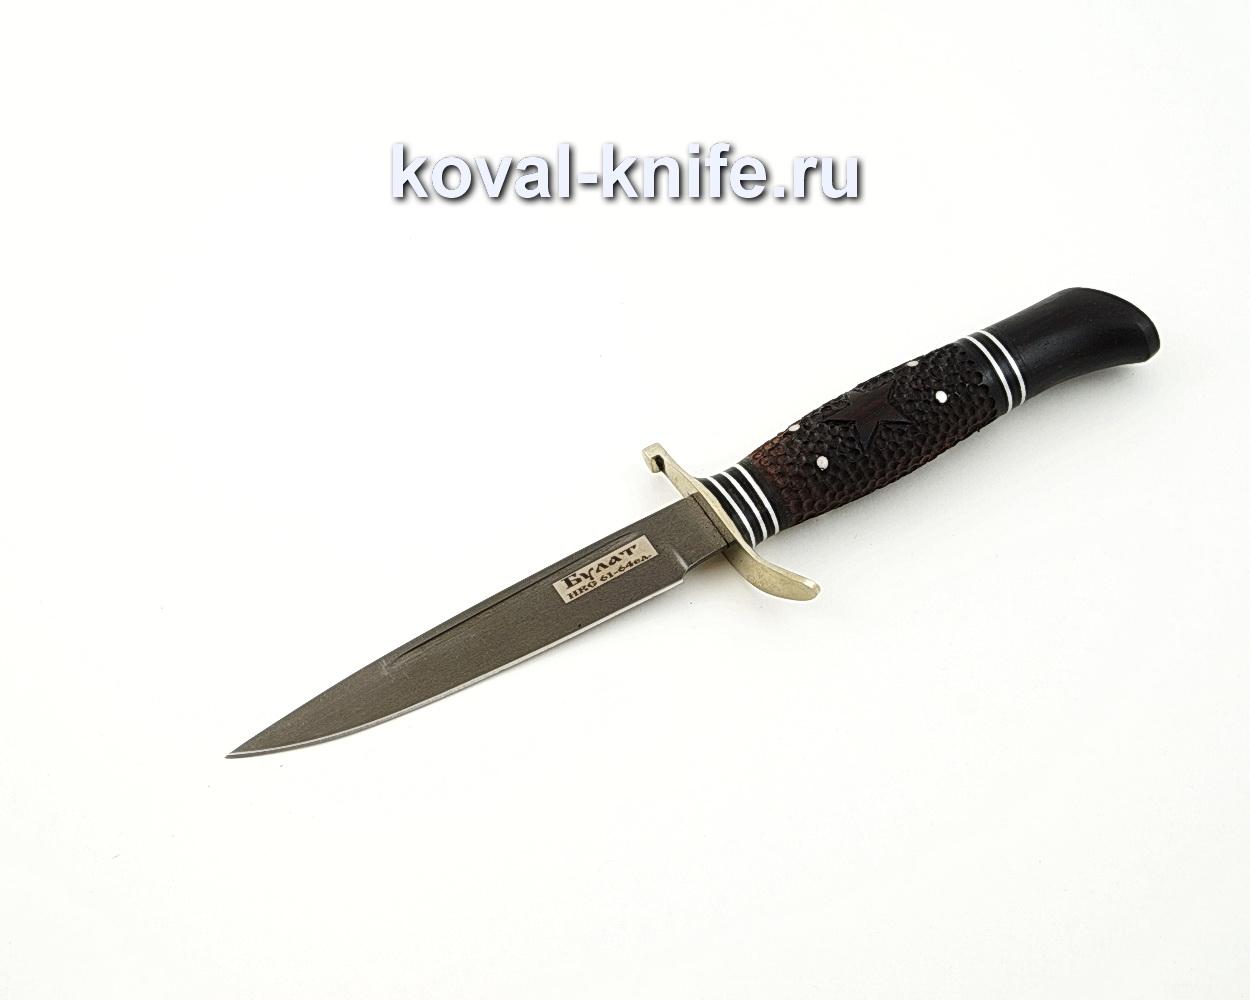 Нож Финка НКВД из булатной стали с резной рукоятью из граба и литьем из мельхиора A592